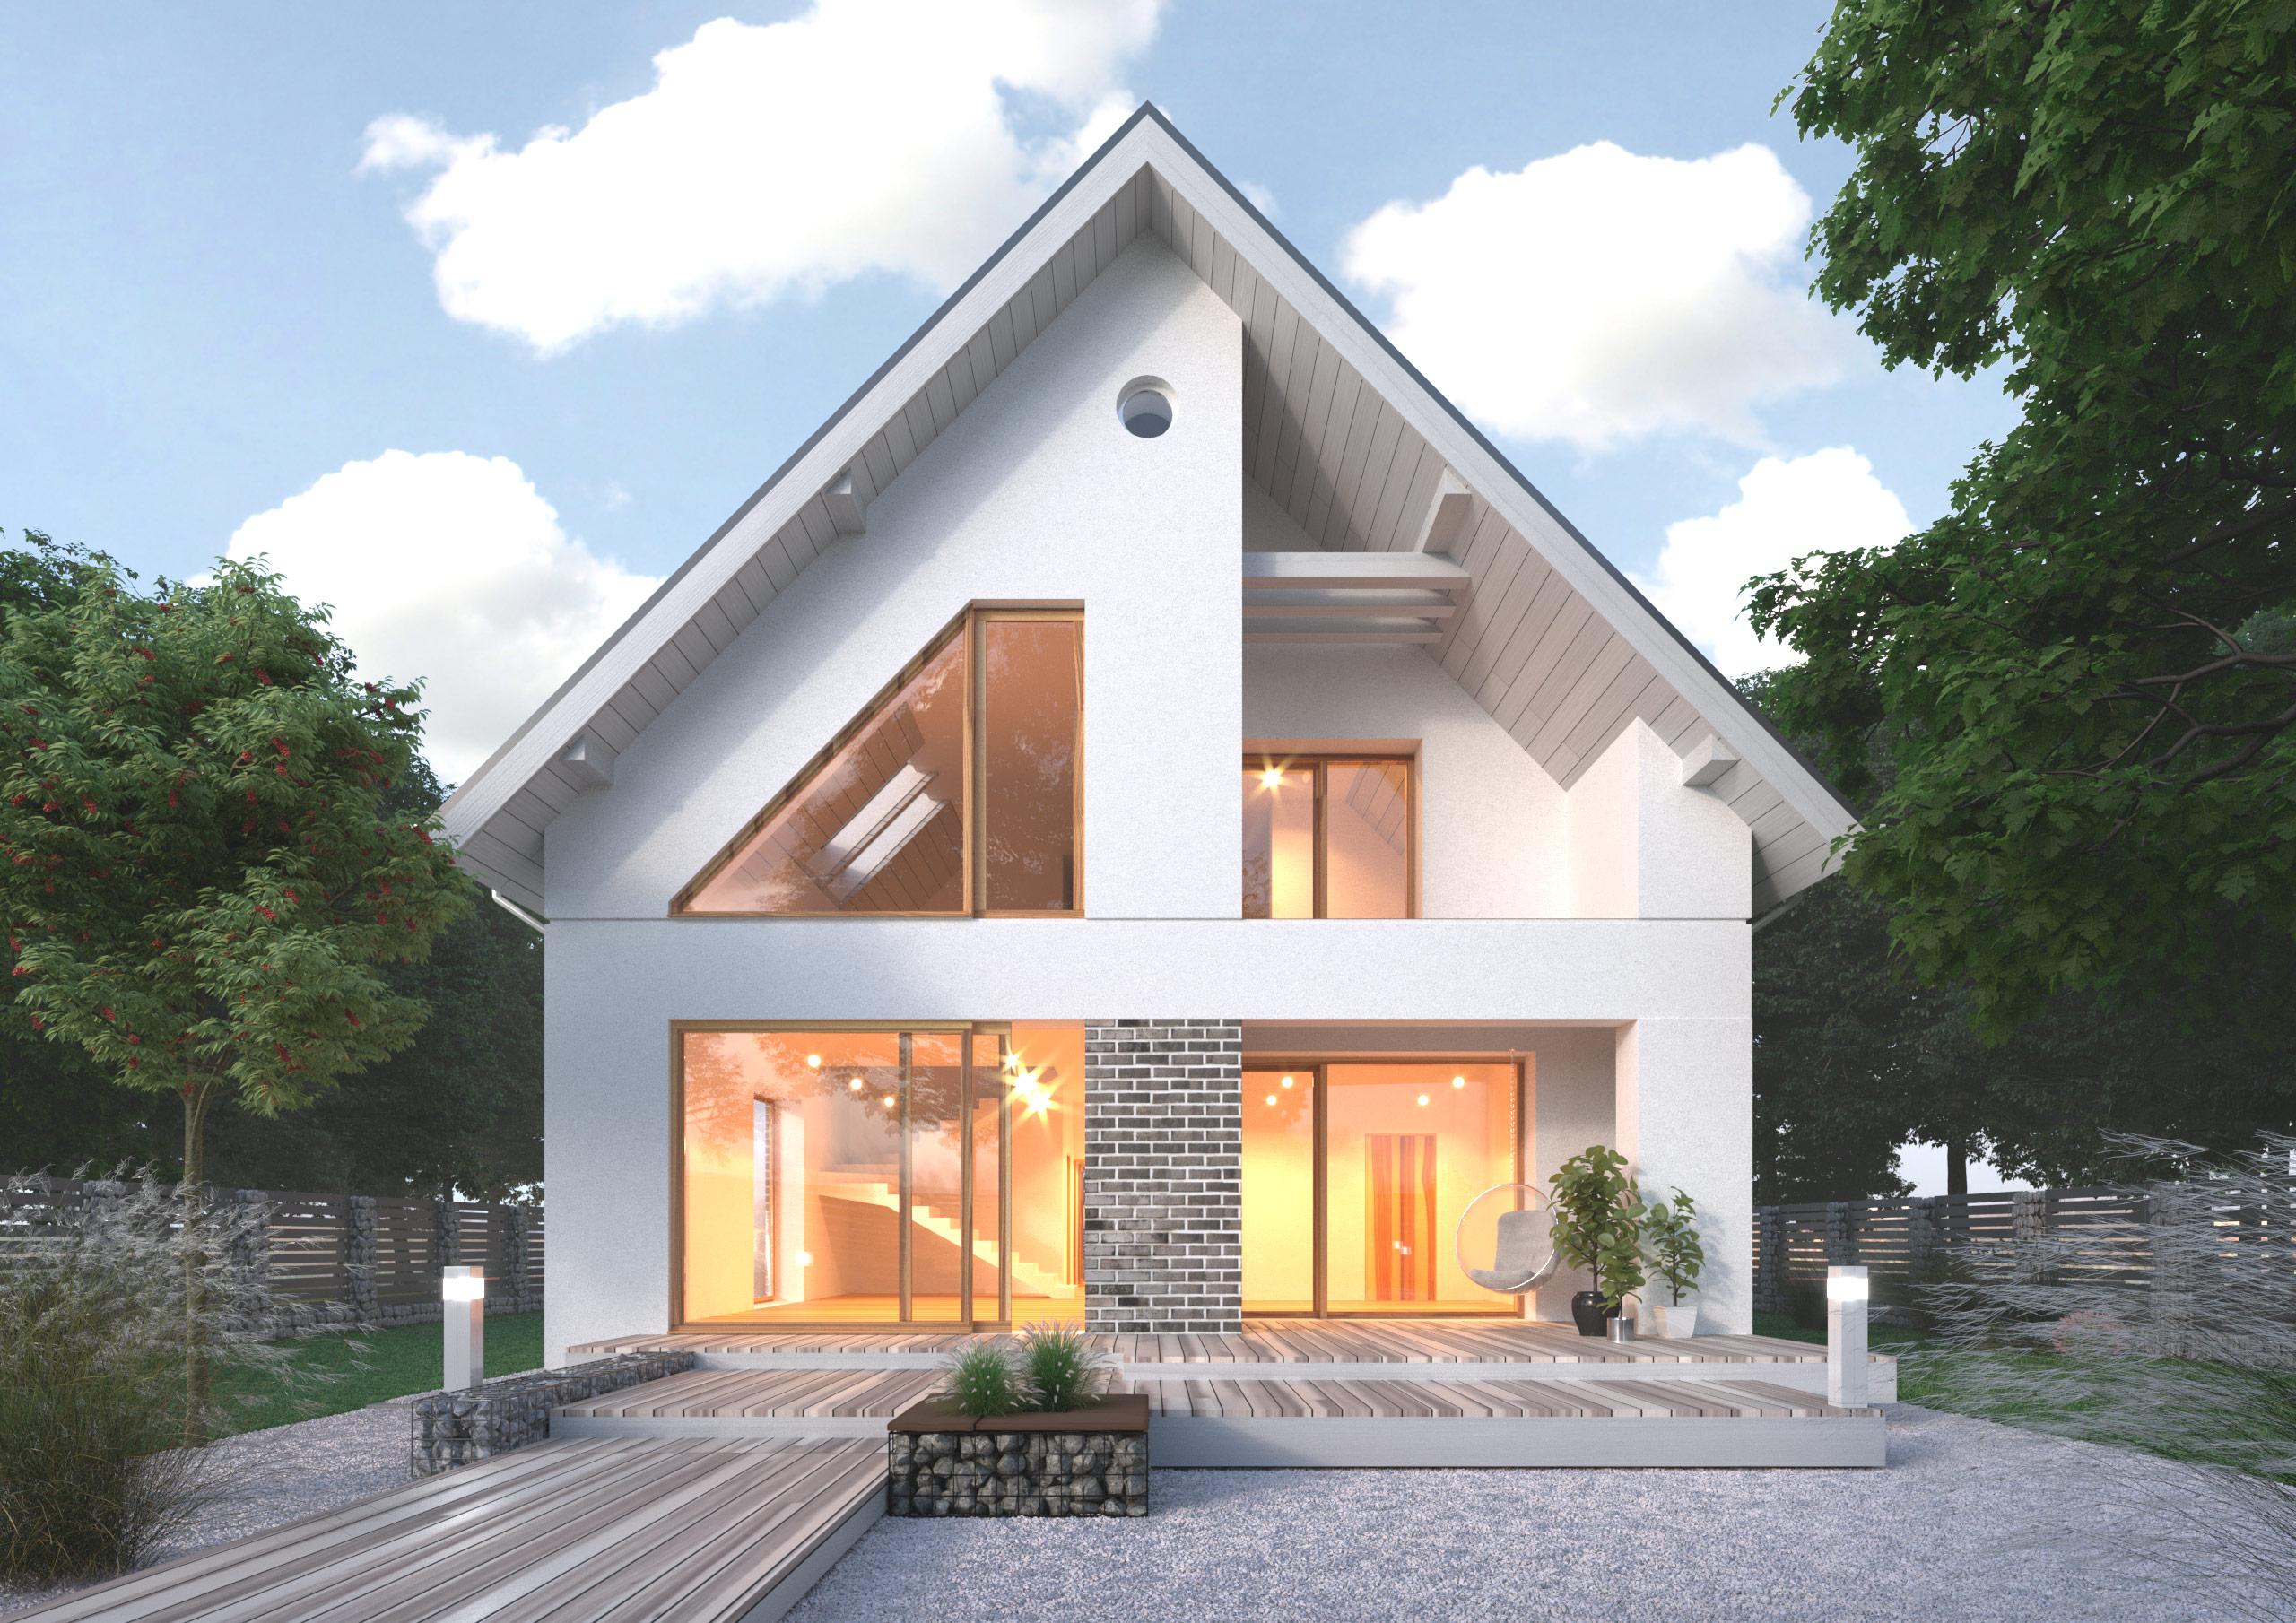 К39-2Э-227 «Проект двухэтажного пятикомнатного мансардного дома»